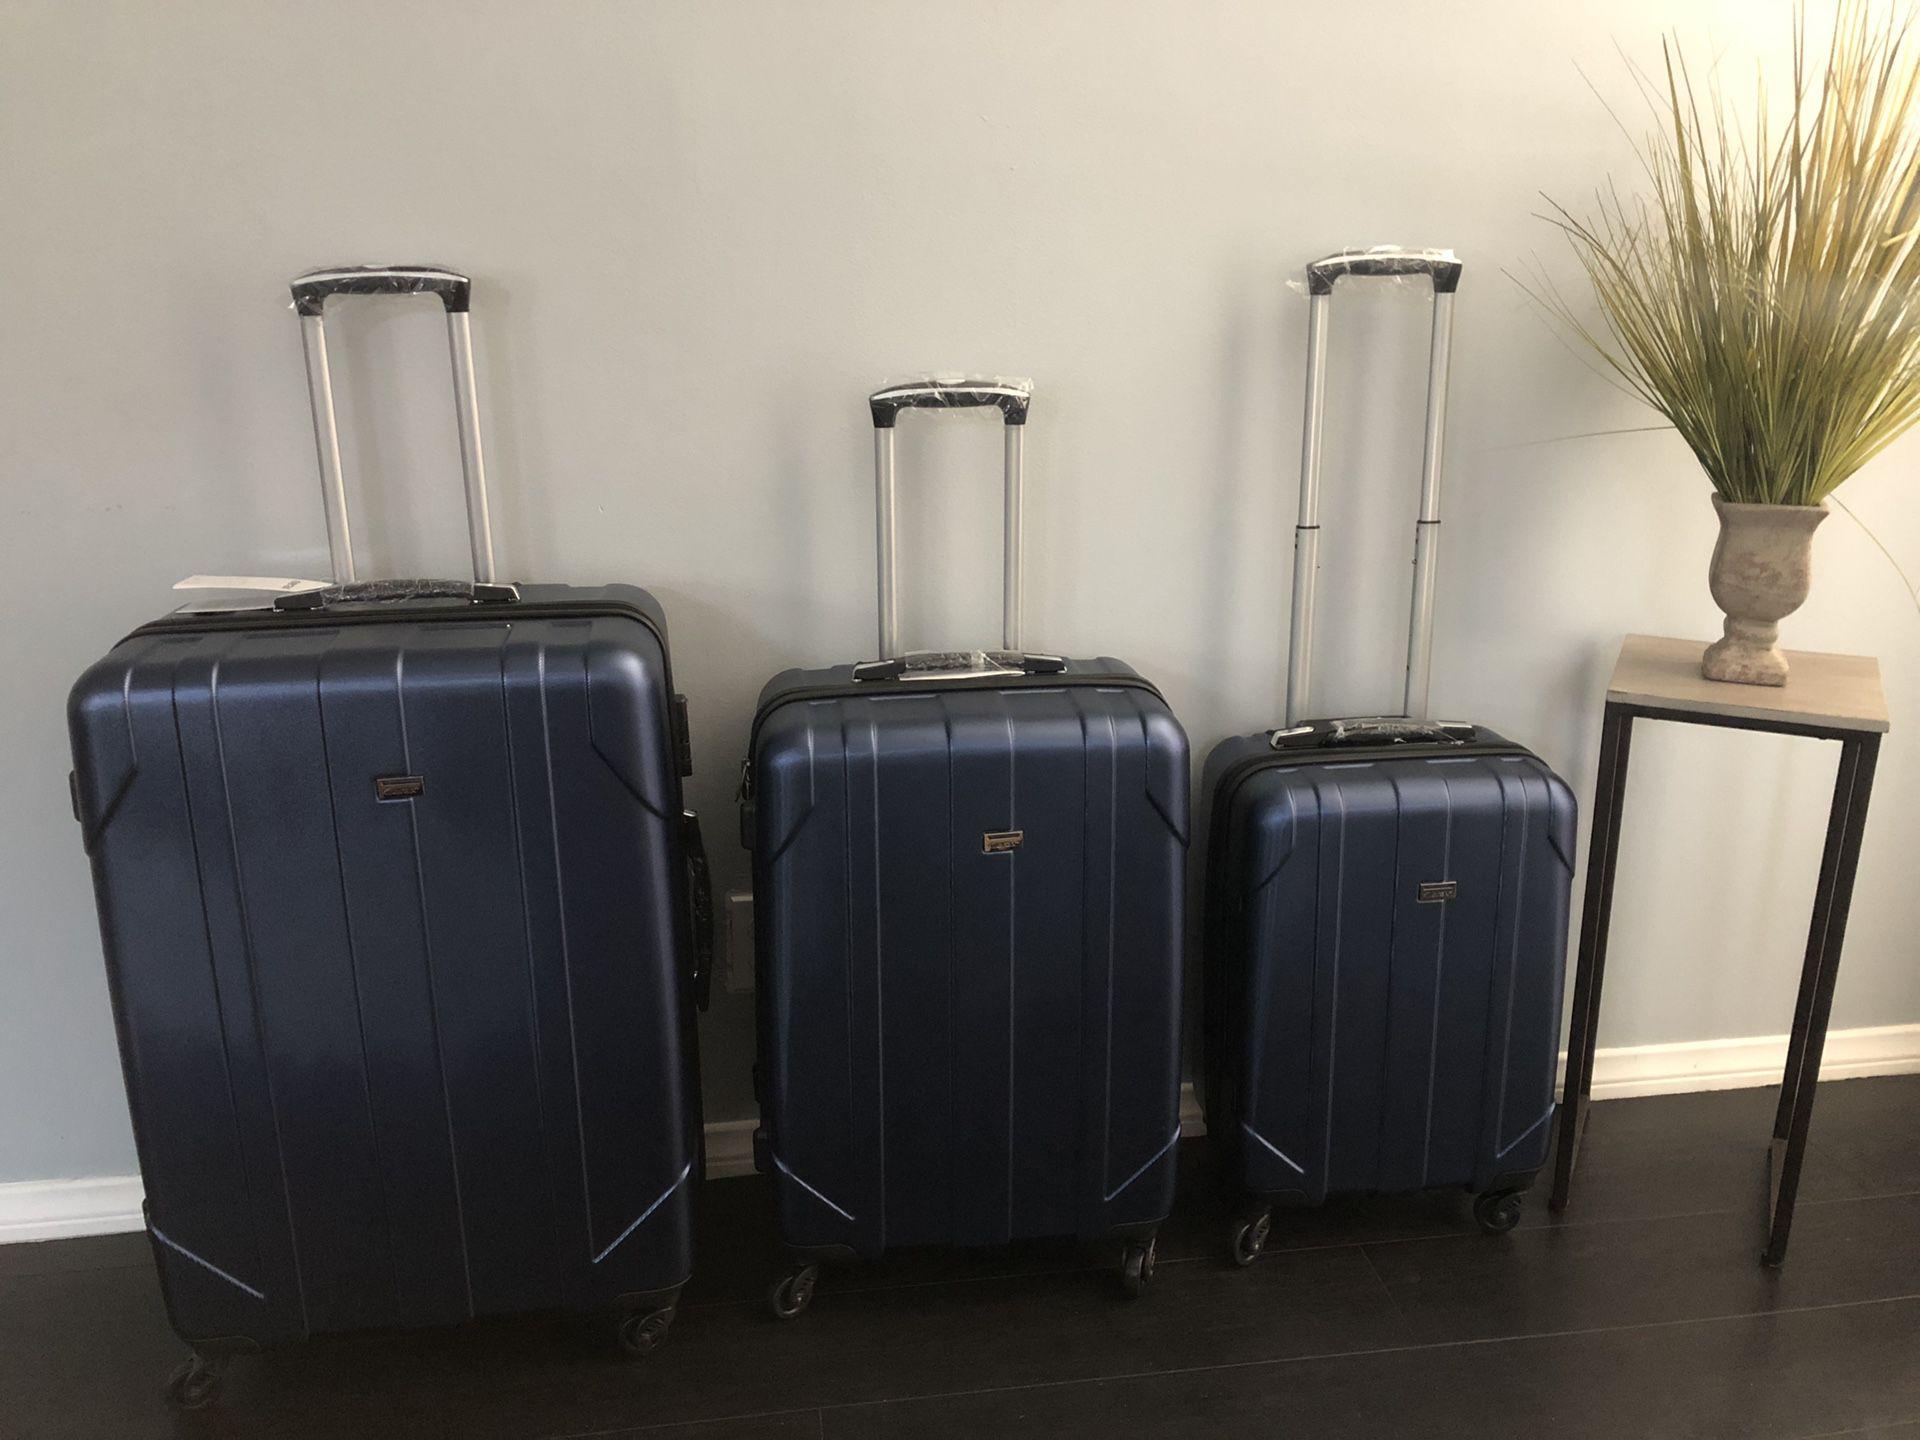 Brand new 3 piece luggage